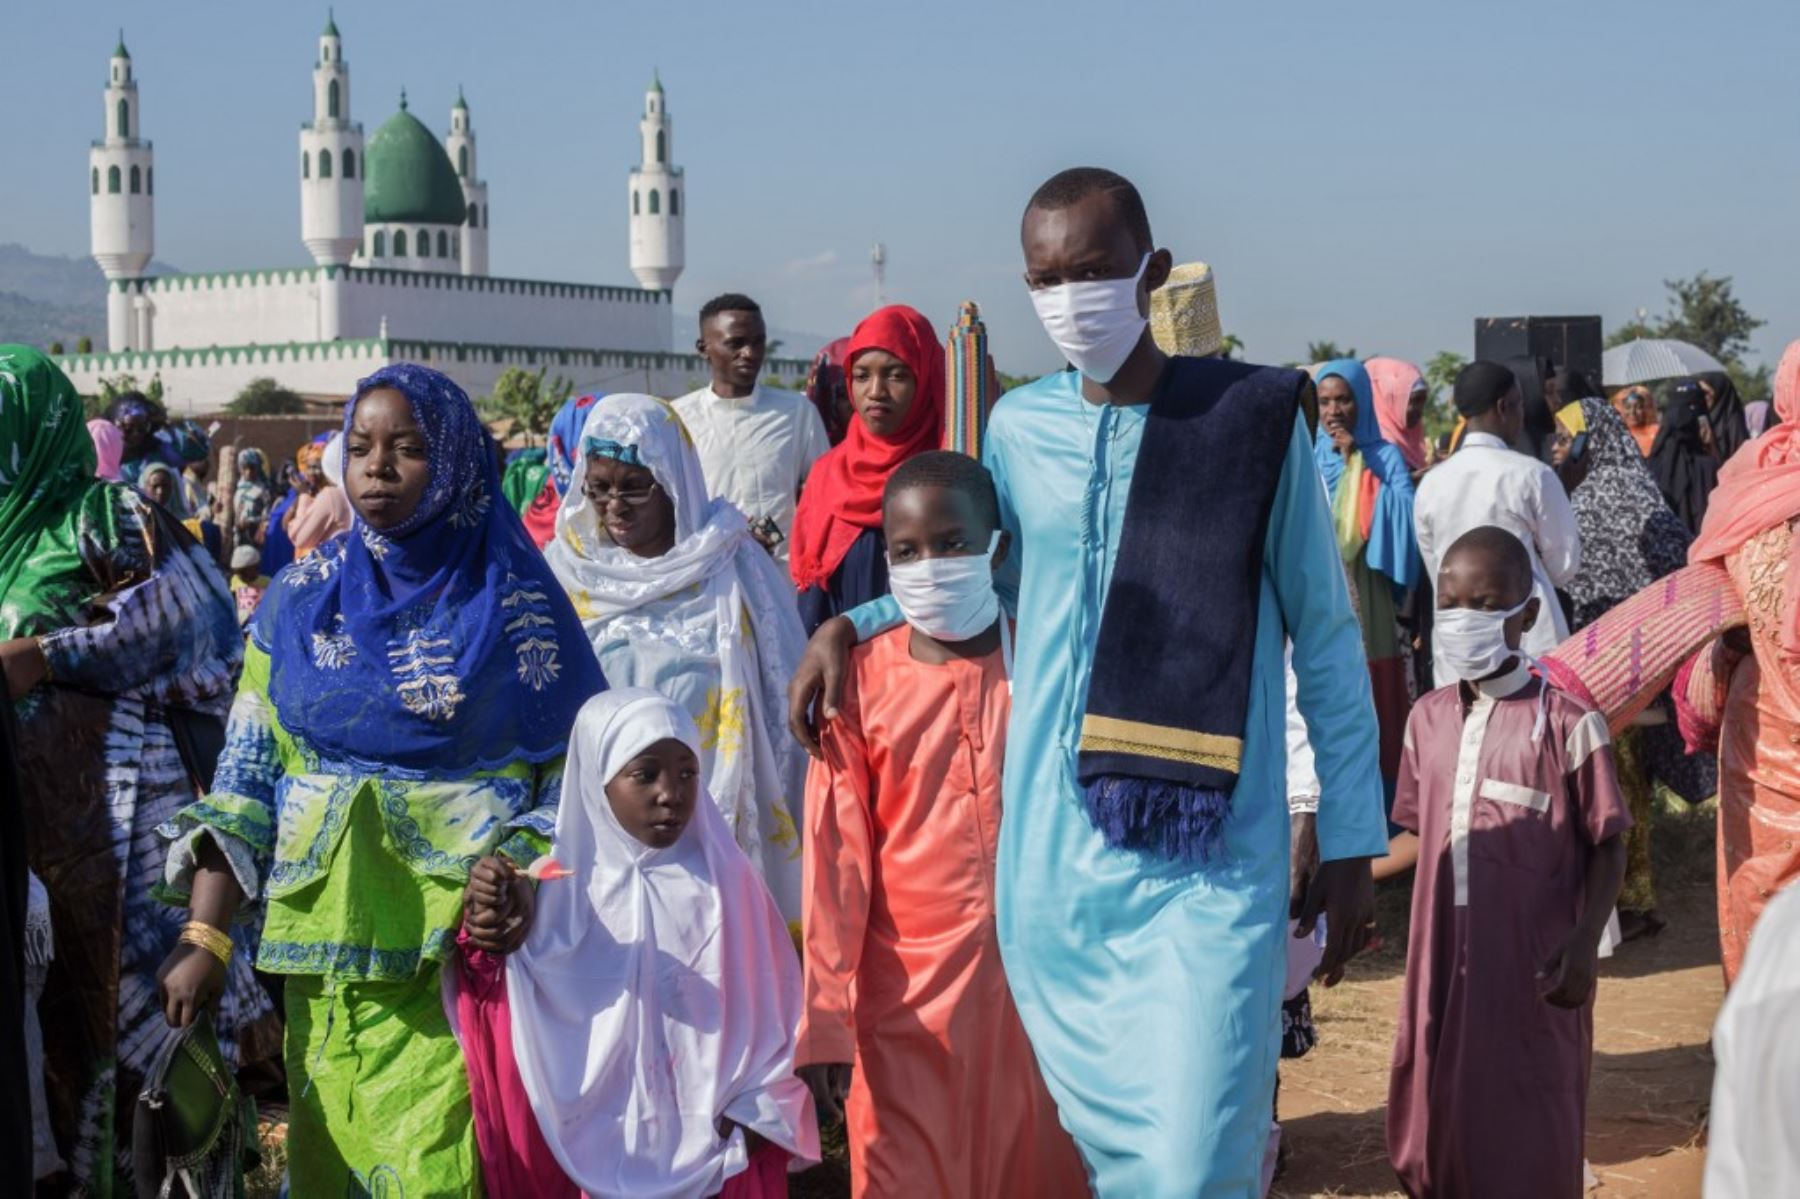 Los fieles musulmanes se van después de ofrecer las oraciones de Eid al-Fitr que marcan el final del mes sagrado musulmán del Ramadán en Bujumbura, Burundi. Todos lucen con mascarillas para evitar contagios por pandemia de coronavirus. Foto: AFP